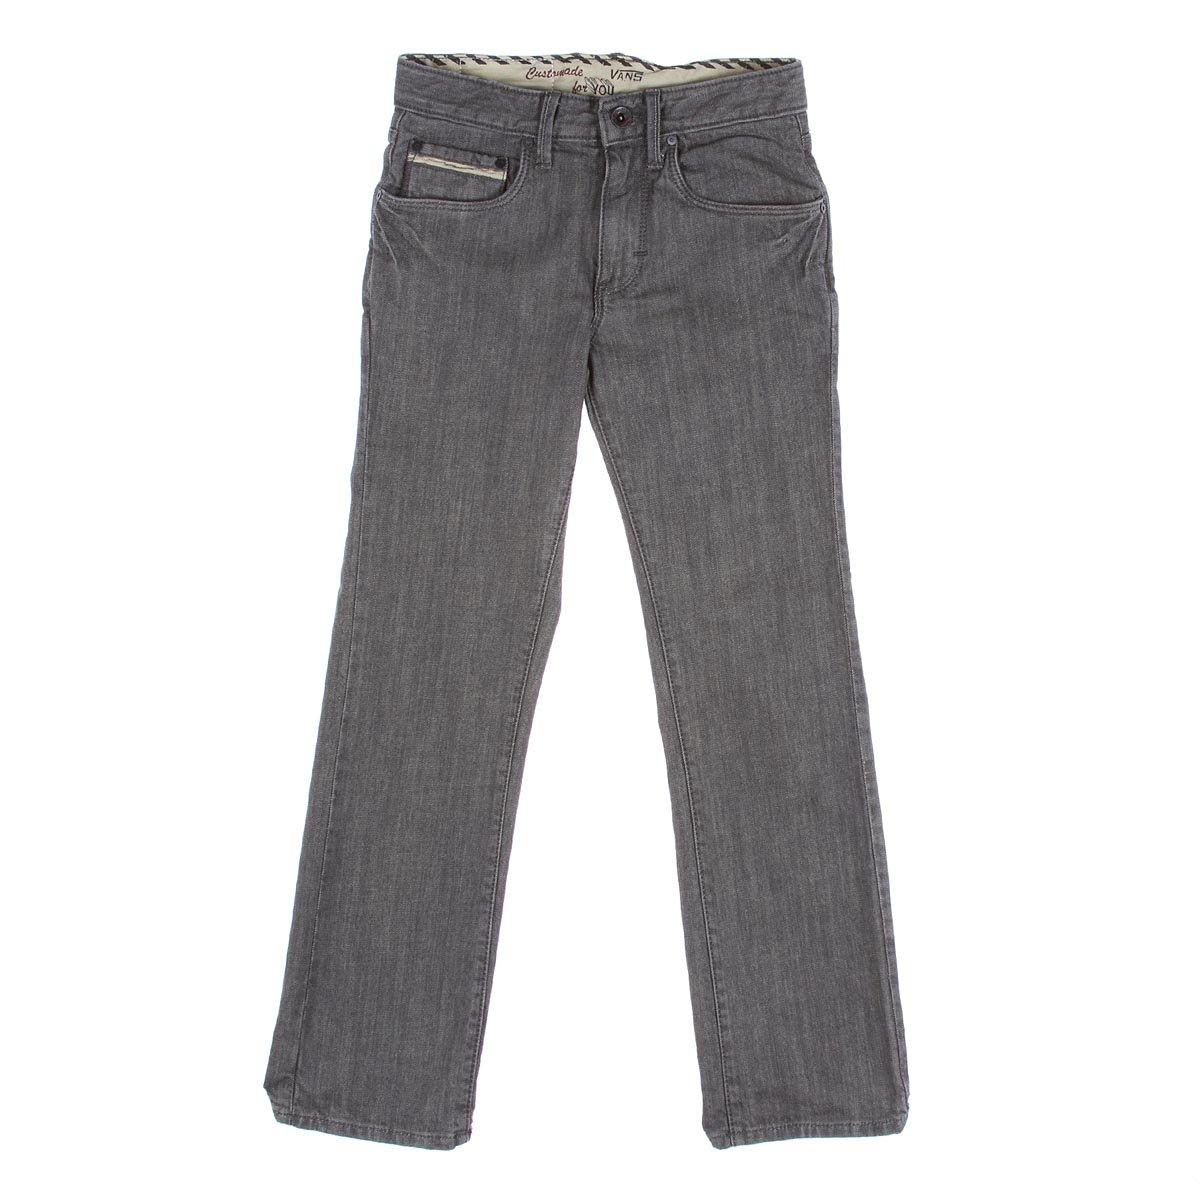 Vans Jungen Jeans V66 Slim B004ZNVUFC Jeanshosen Einfach zu bedienen